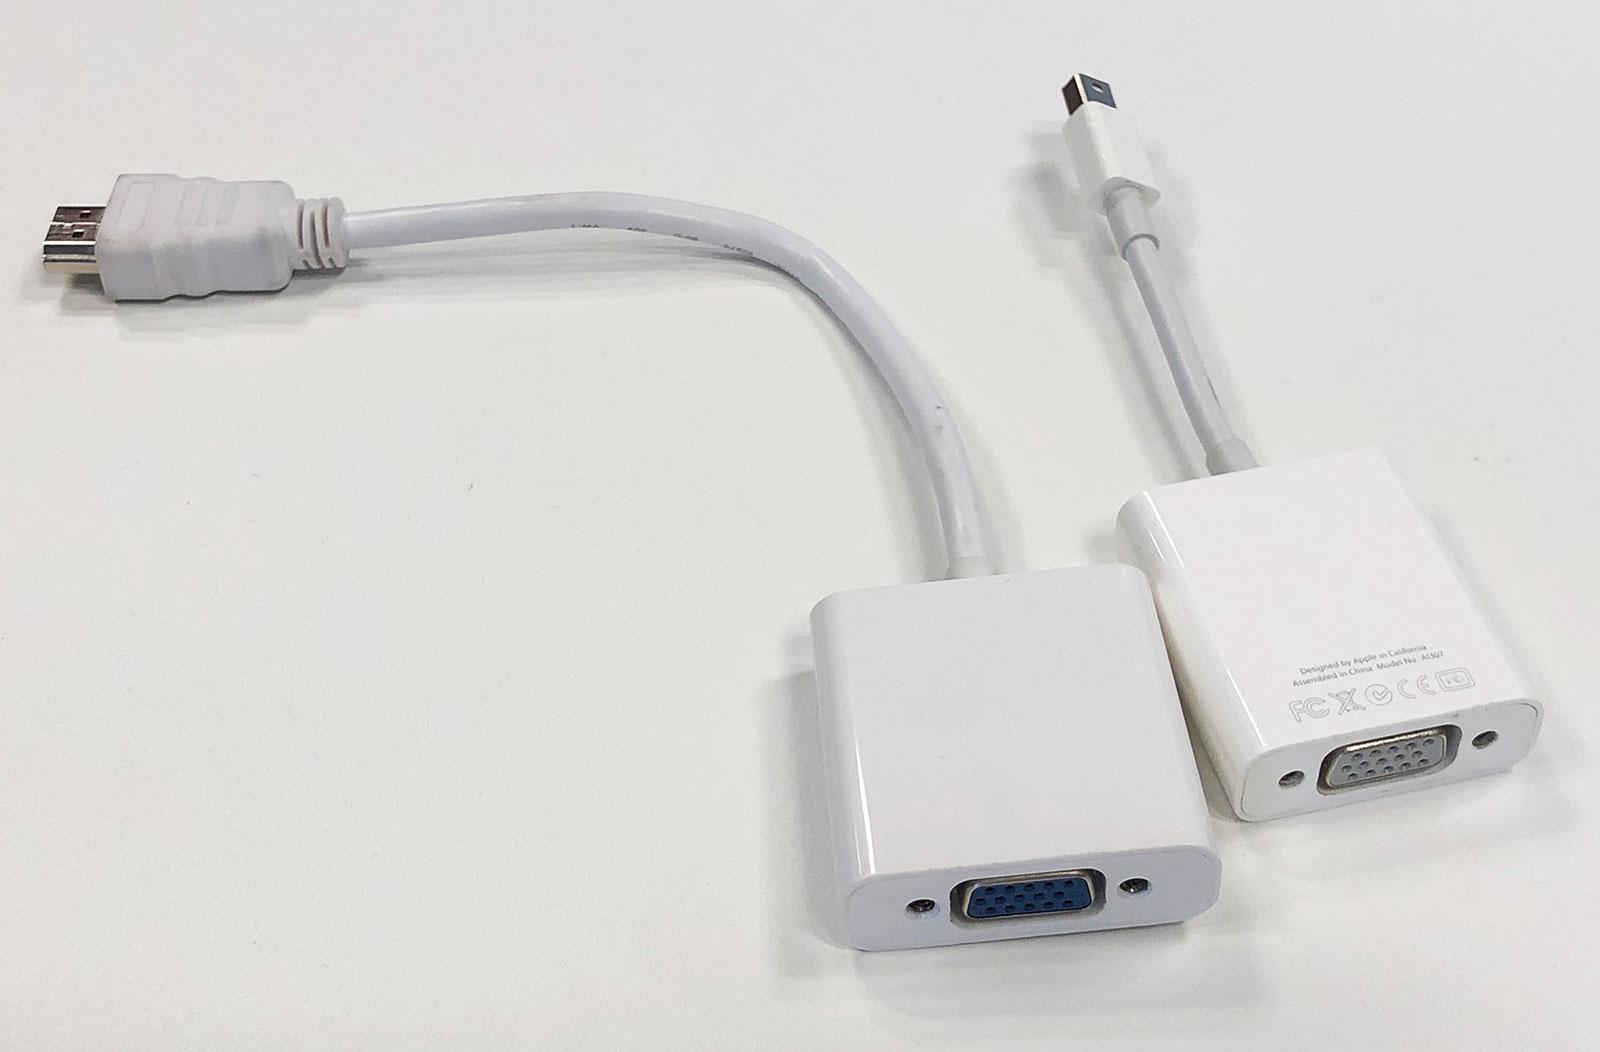 Cables adaptadores de HDMI a VGA o Mini-Display Port a VGA